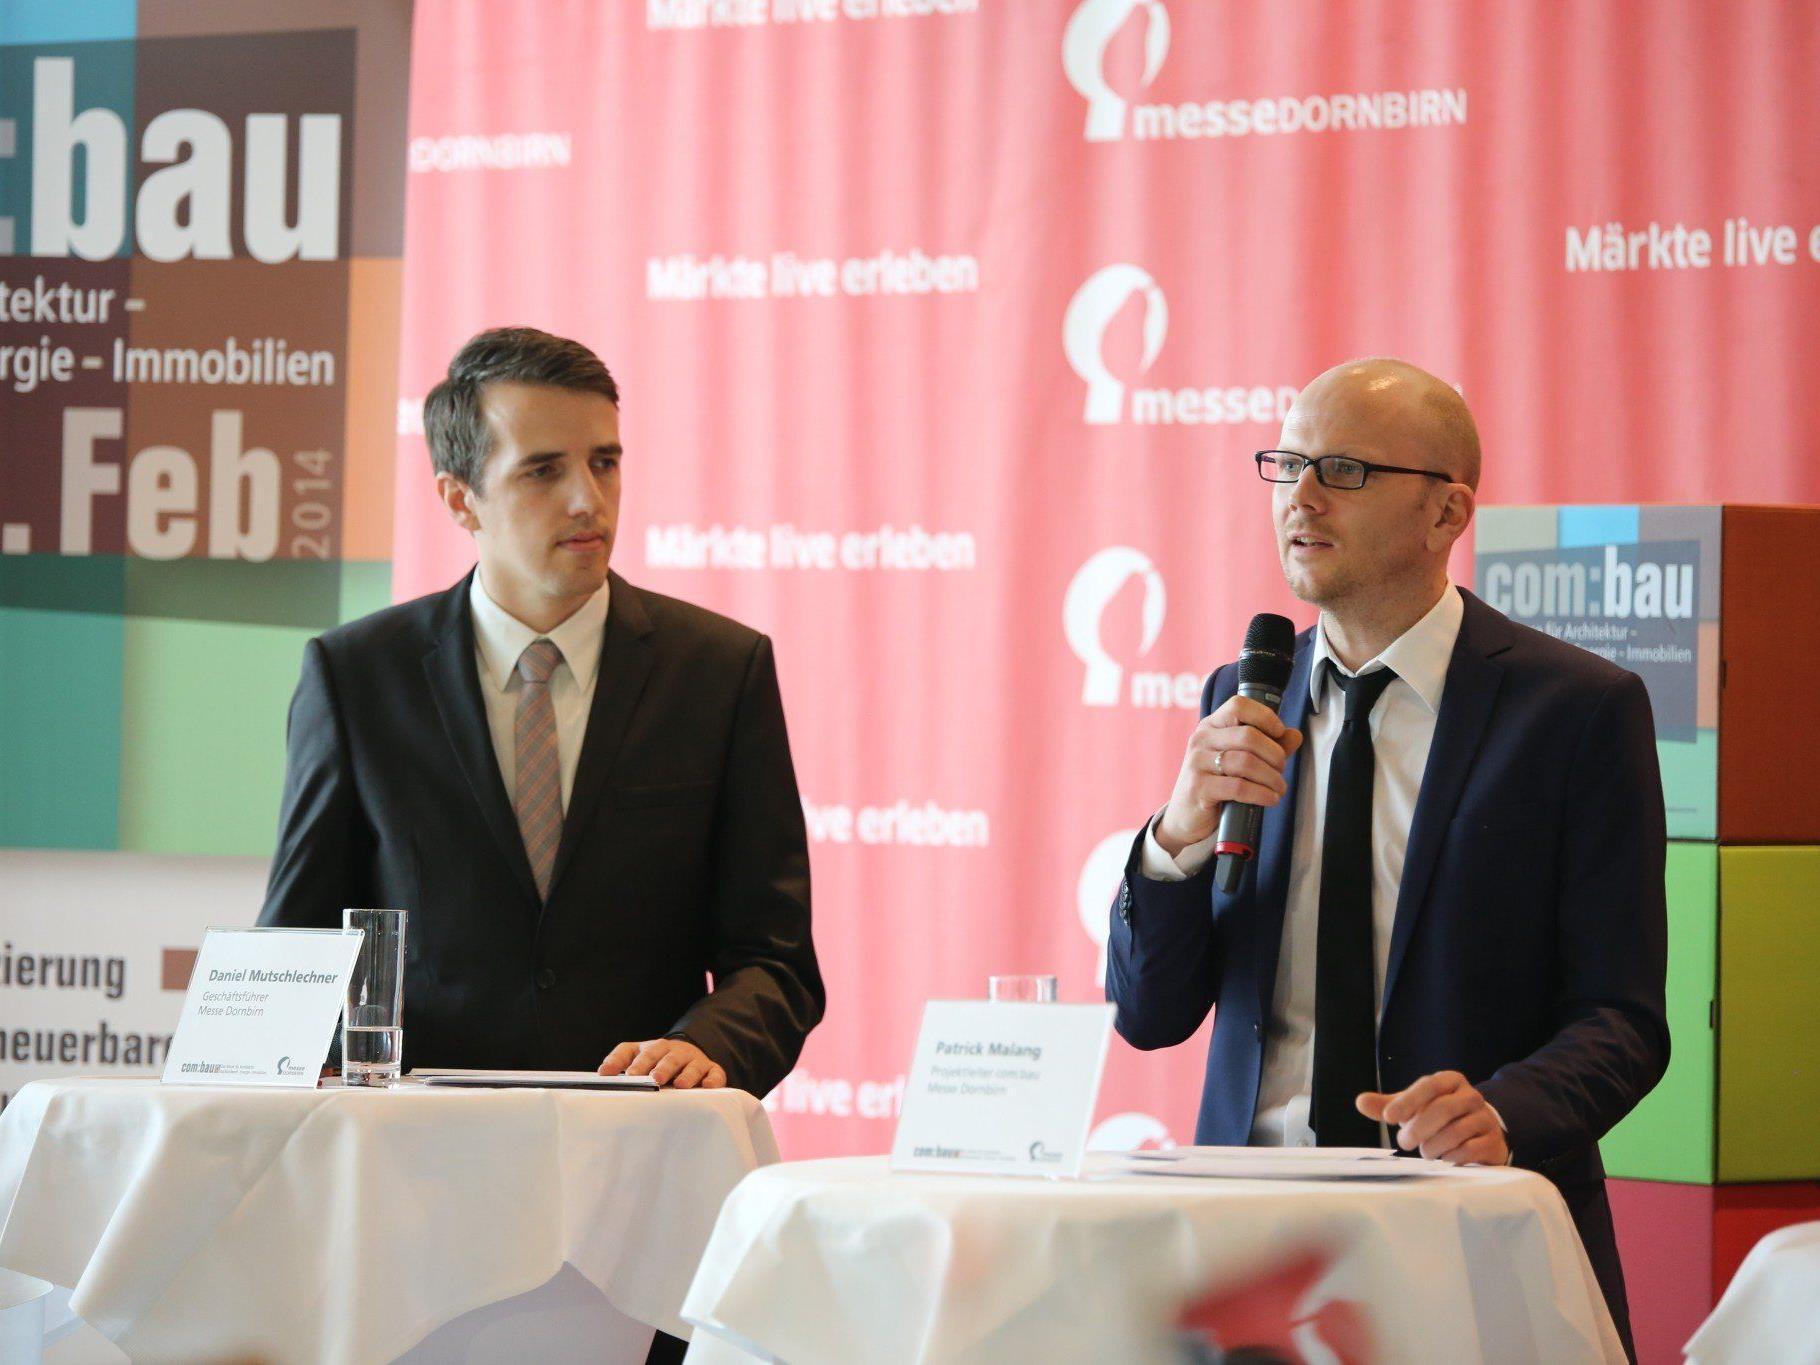 Rechnen mit erfolgreicher Premiere: Messe-Geschäftsführer Daniel Mutschlechner (l.) und Projektleiter Patrick Malang.